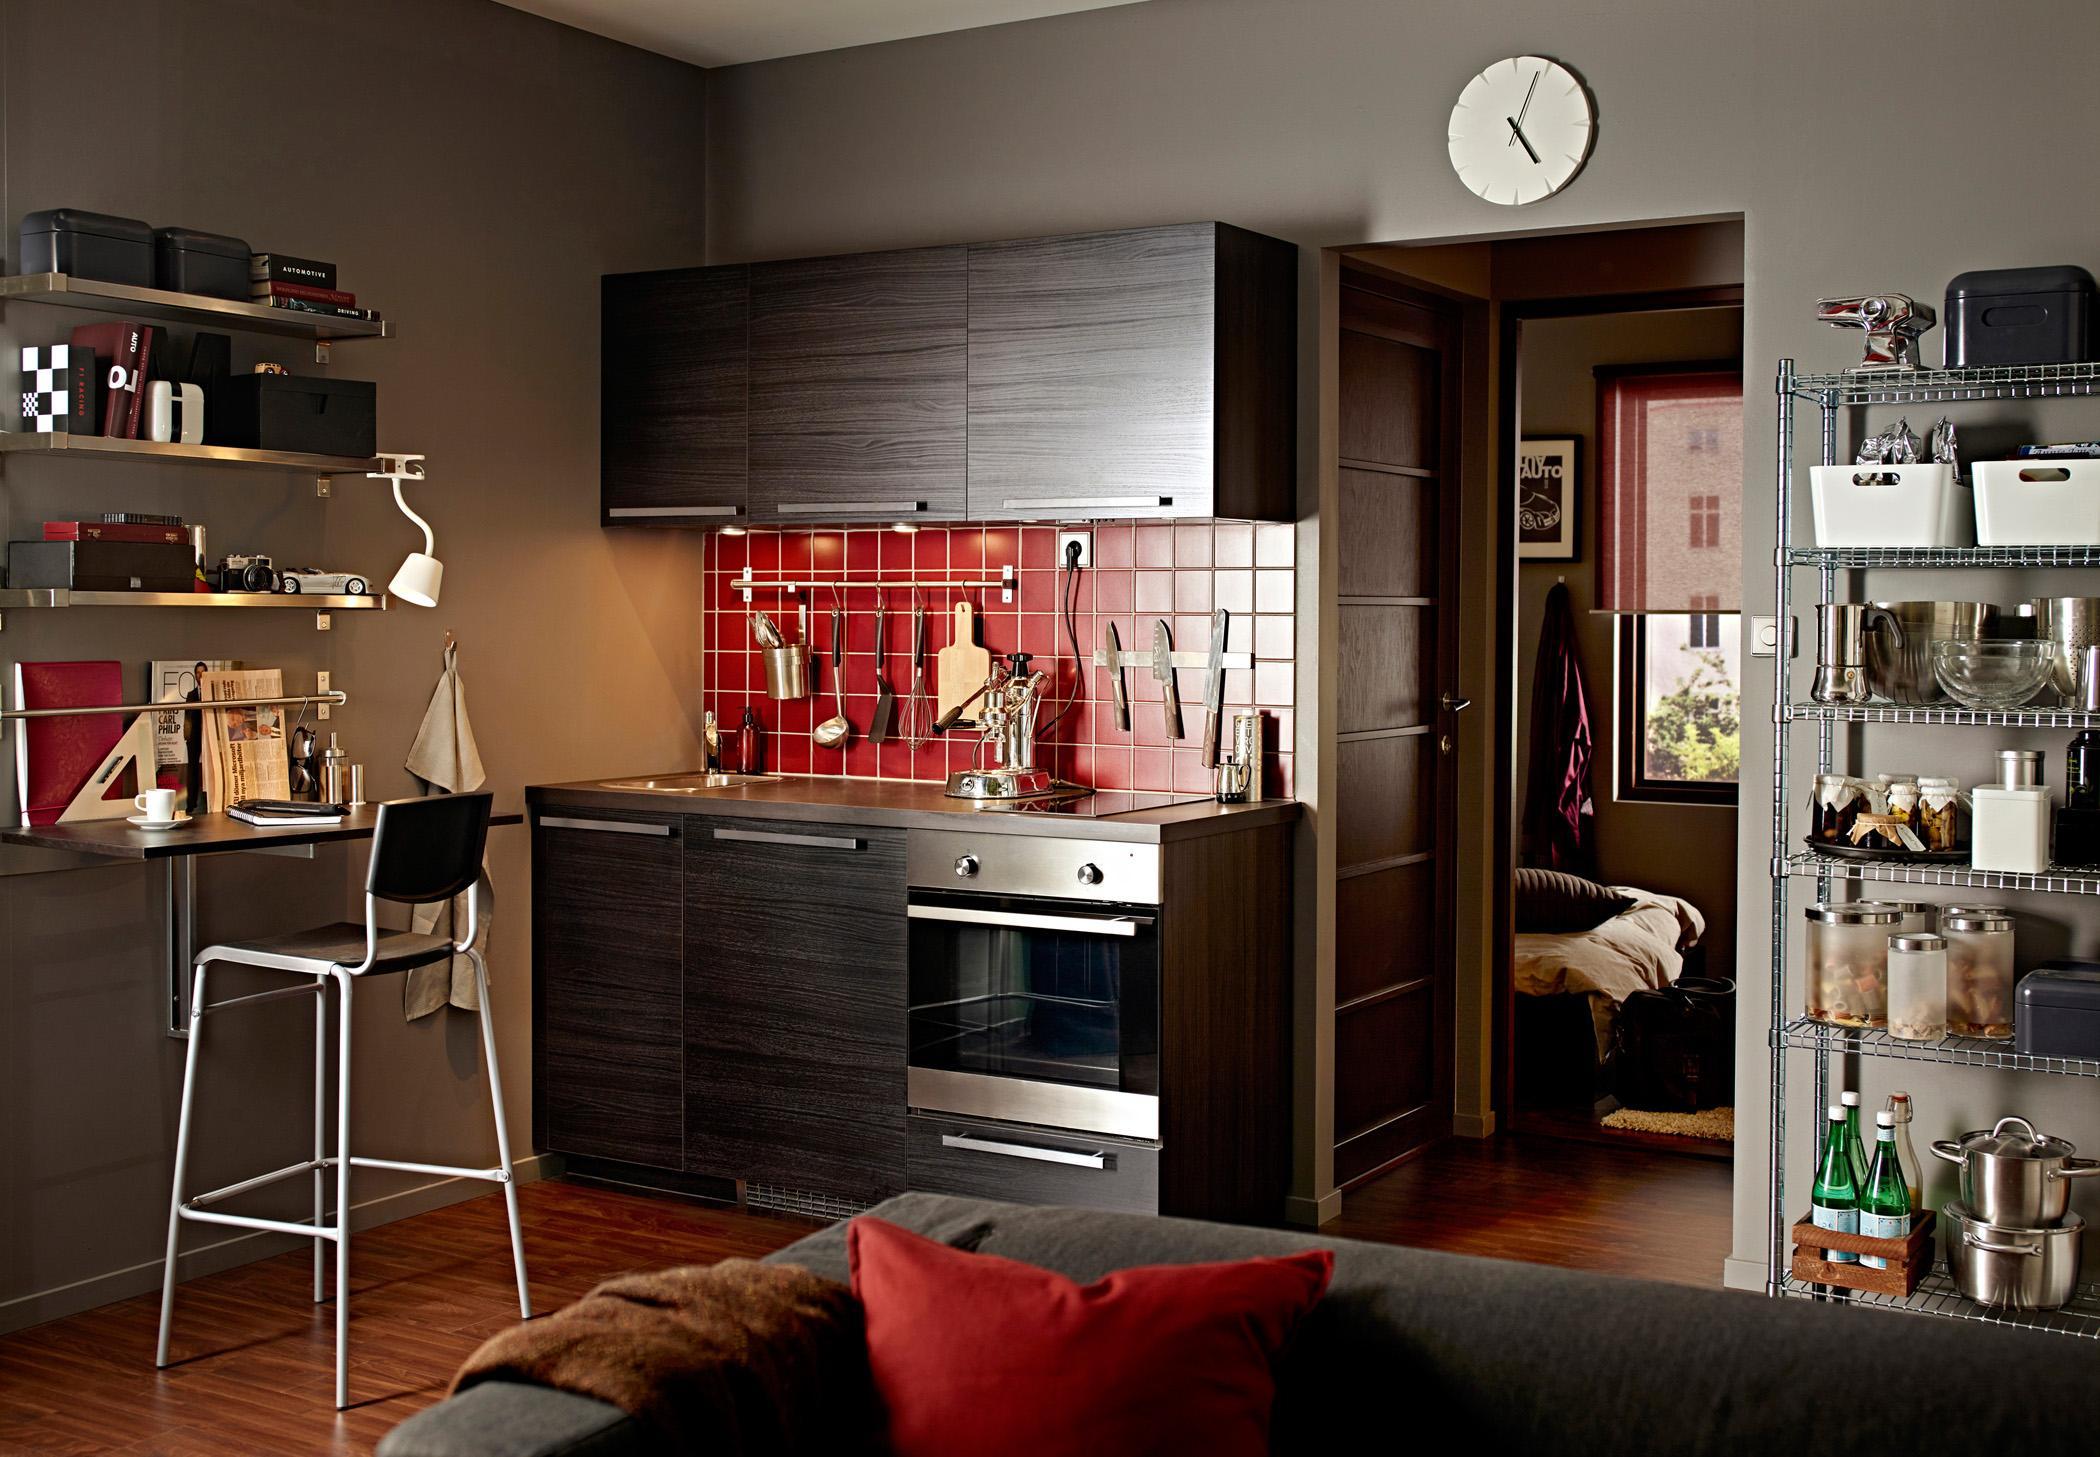 Full Size of Pantrykche Wohnideen Fr Minikchen Bei Couch Ikea Sofa Mit Schlaffunktion Küche Kosten Betten 160x200 Kaufen Miniküche Modulküche Wohnzimmer Miniküchen Ikea